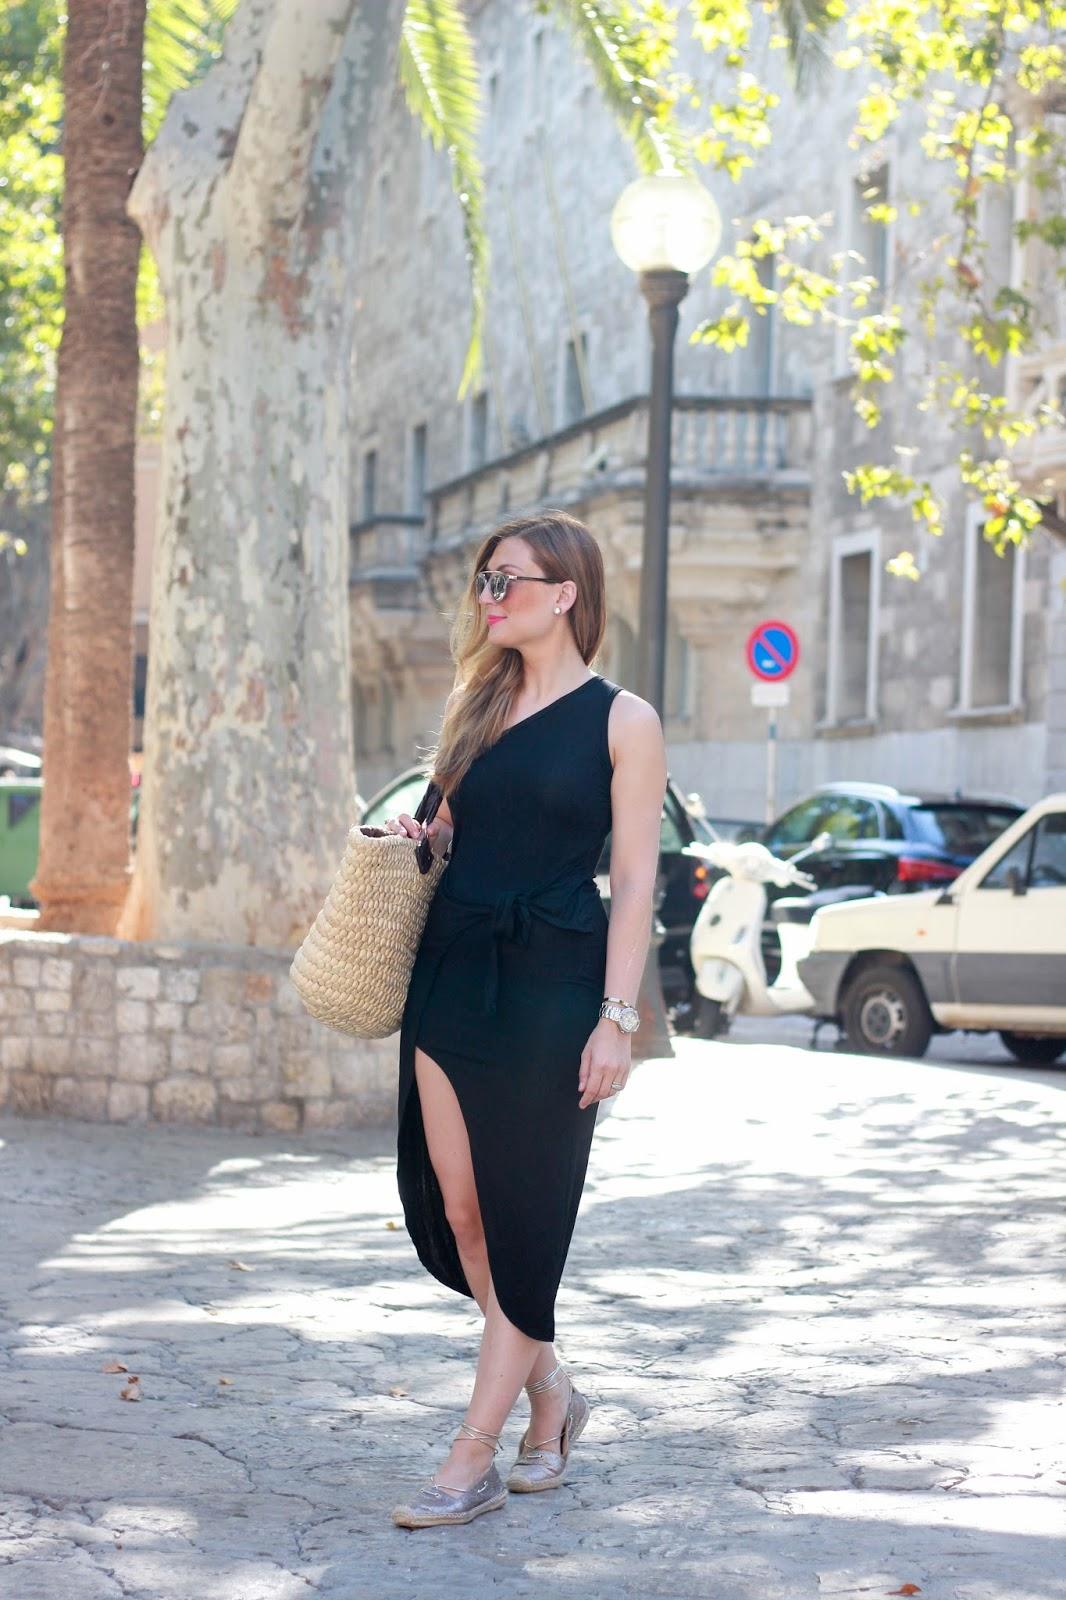 Fashionstylebyjohanna - Fashionblogger aus Frankfurt - Schwarzes Kleid Blogger - Must Have für den Sommer